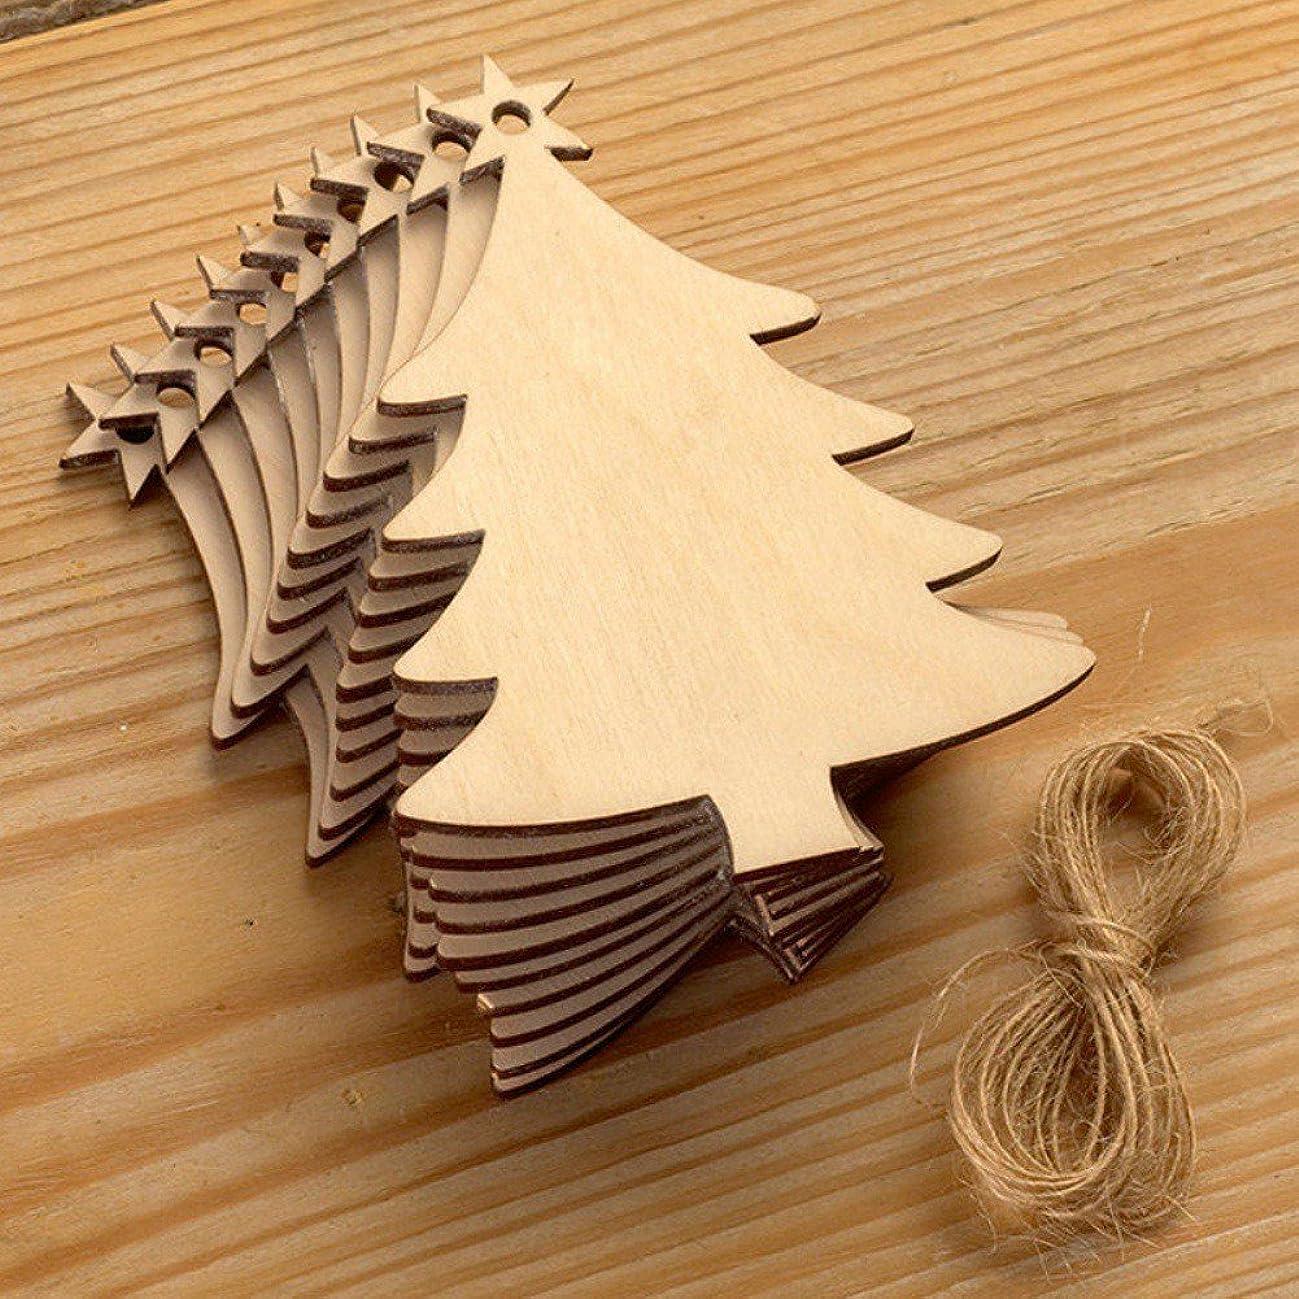 渦スケッチ激しいEtopfashion 10個セット クリスマス 手作り木製 オーナメント 縄付き ツリー飾り 中庭飾り デコレーション 鹿/サンタさん/ソックス/雪だるま型 装飾 コースター ぶら下げ 小物 クリスマスギフト